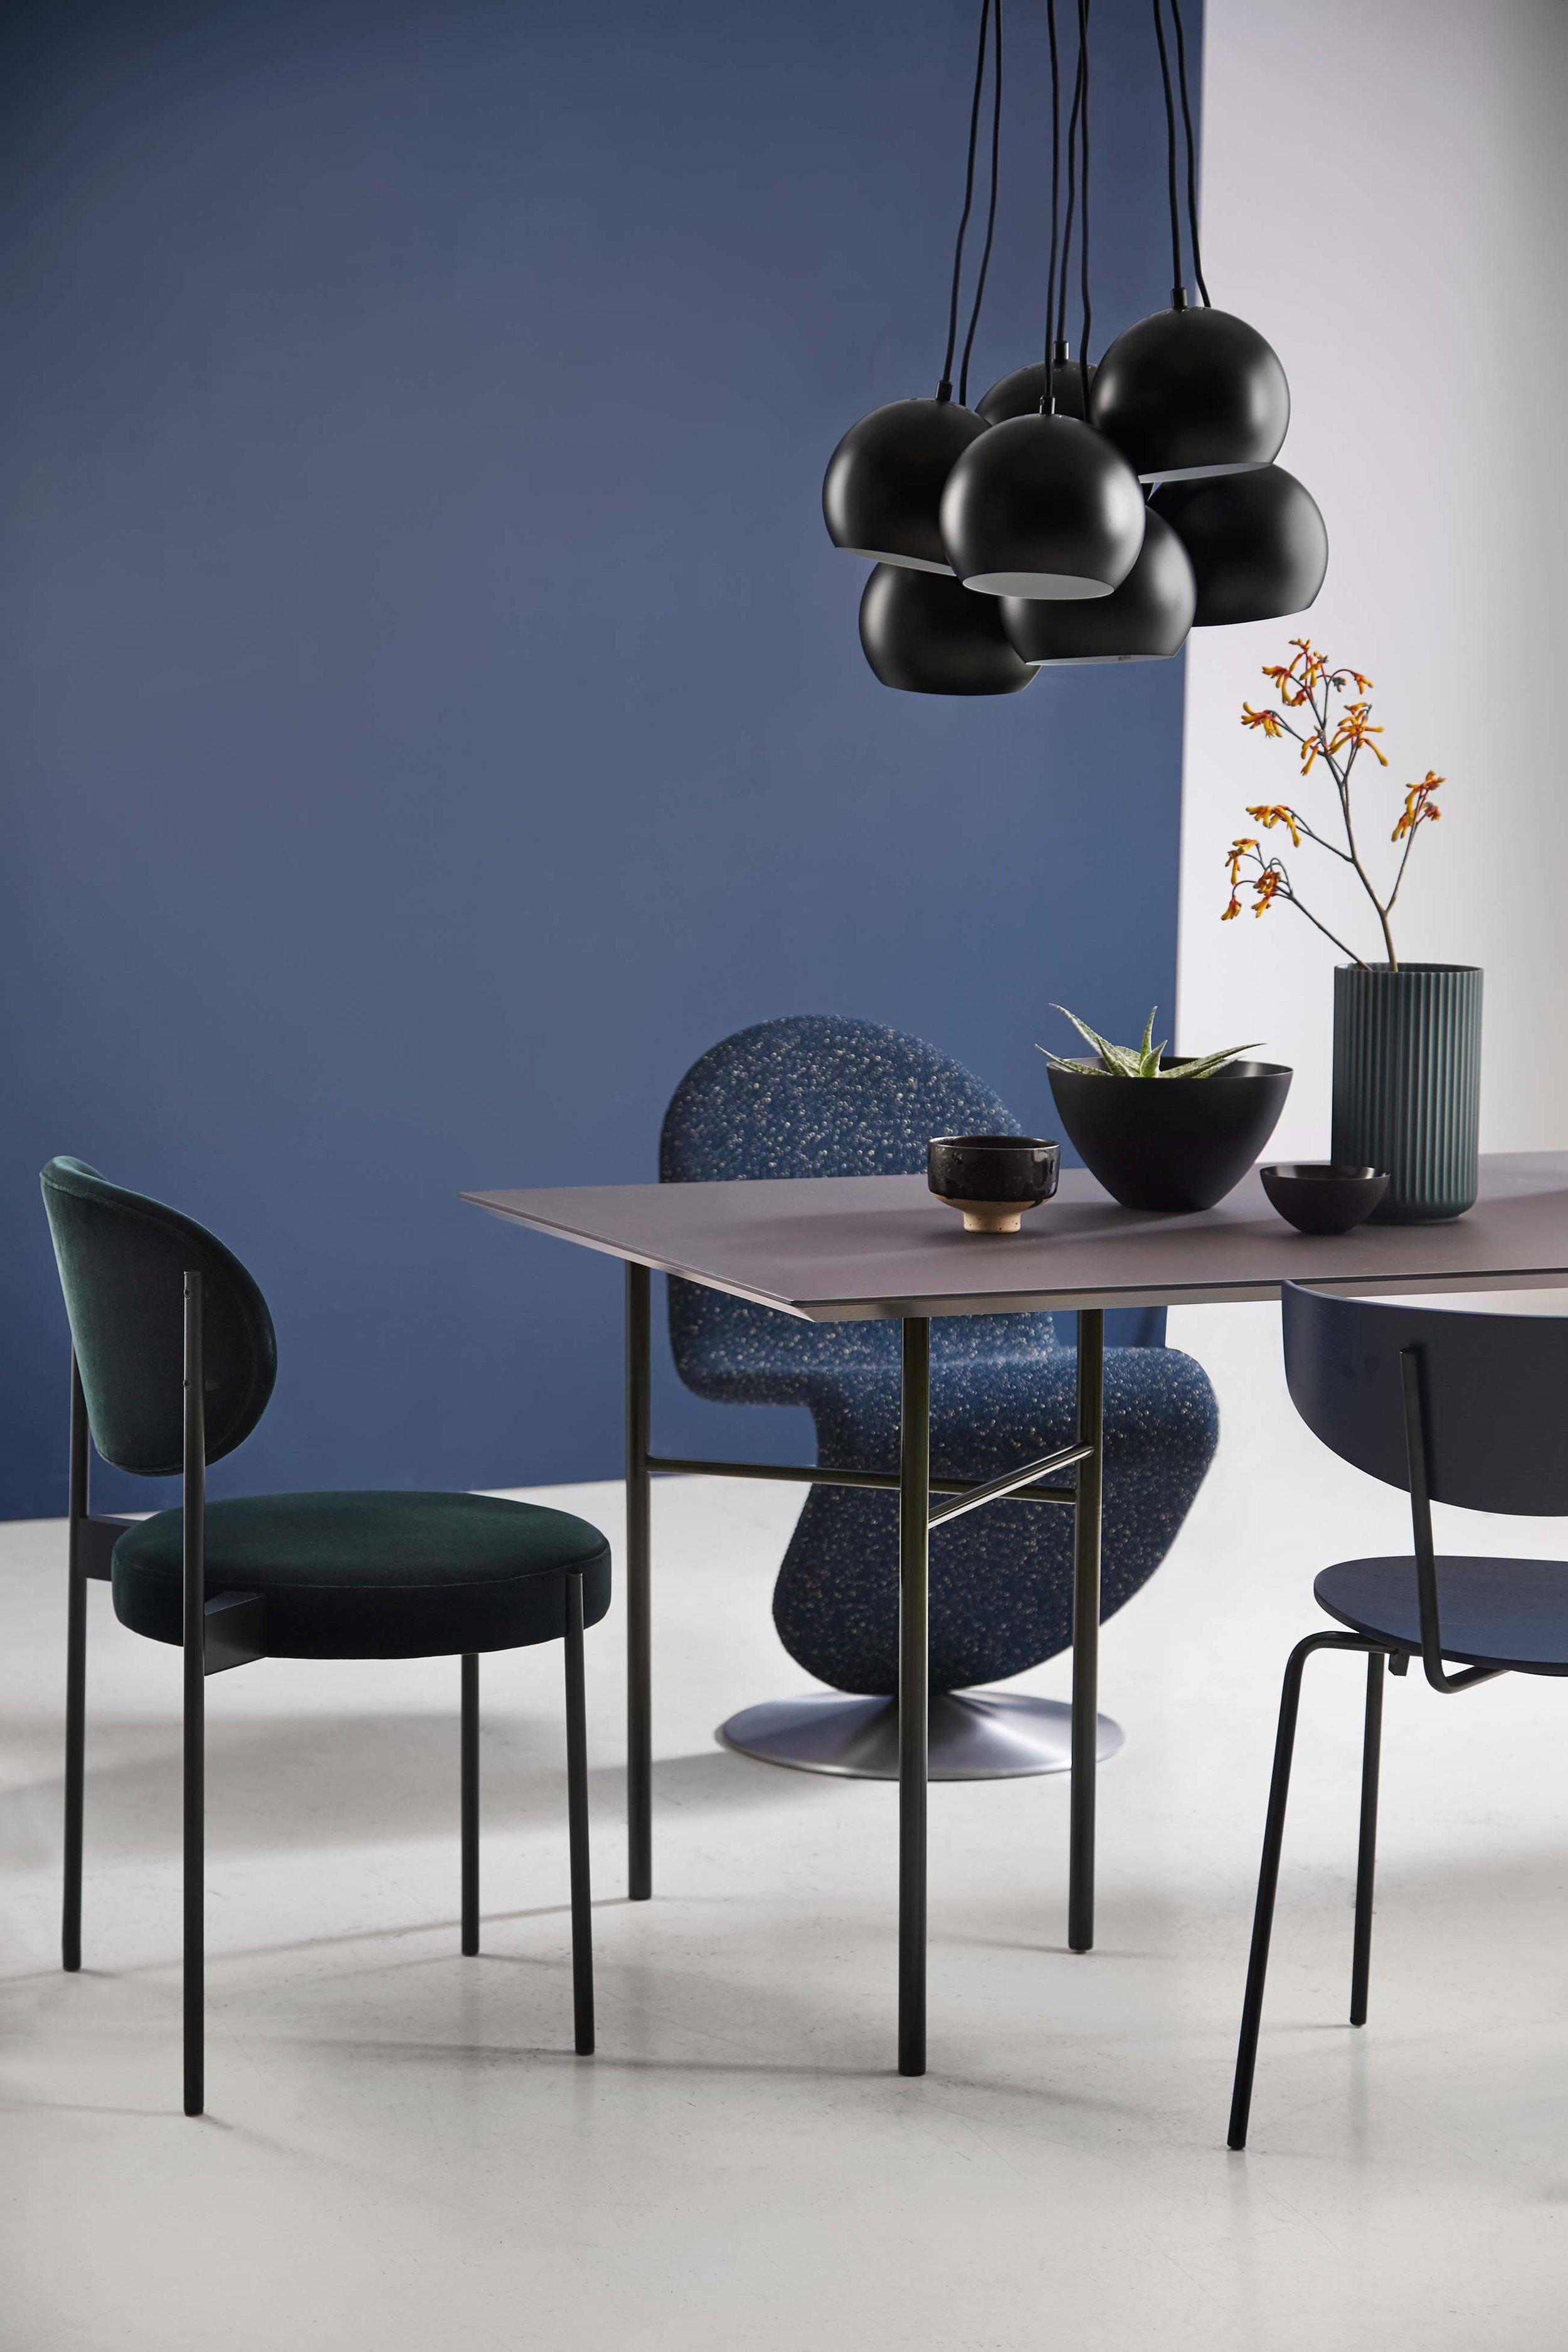 Ball-Multi-chandelier-black-matt---lifestyle-Studio-Horsens-1423.jpg